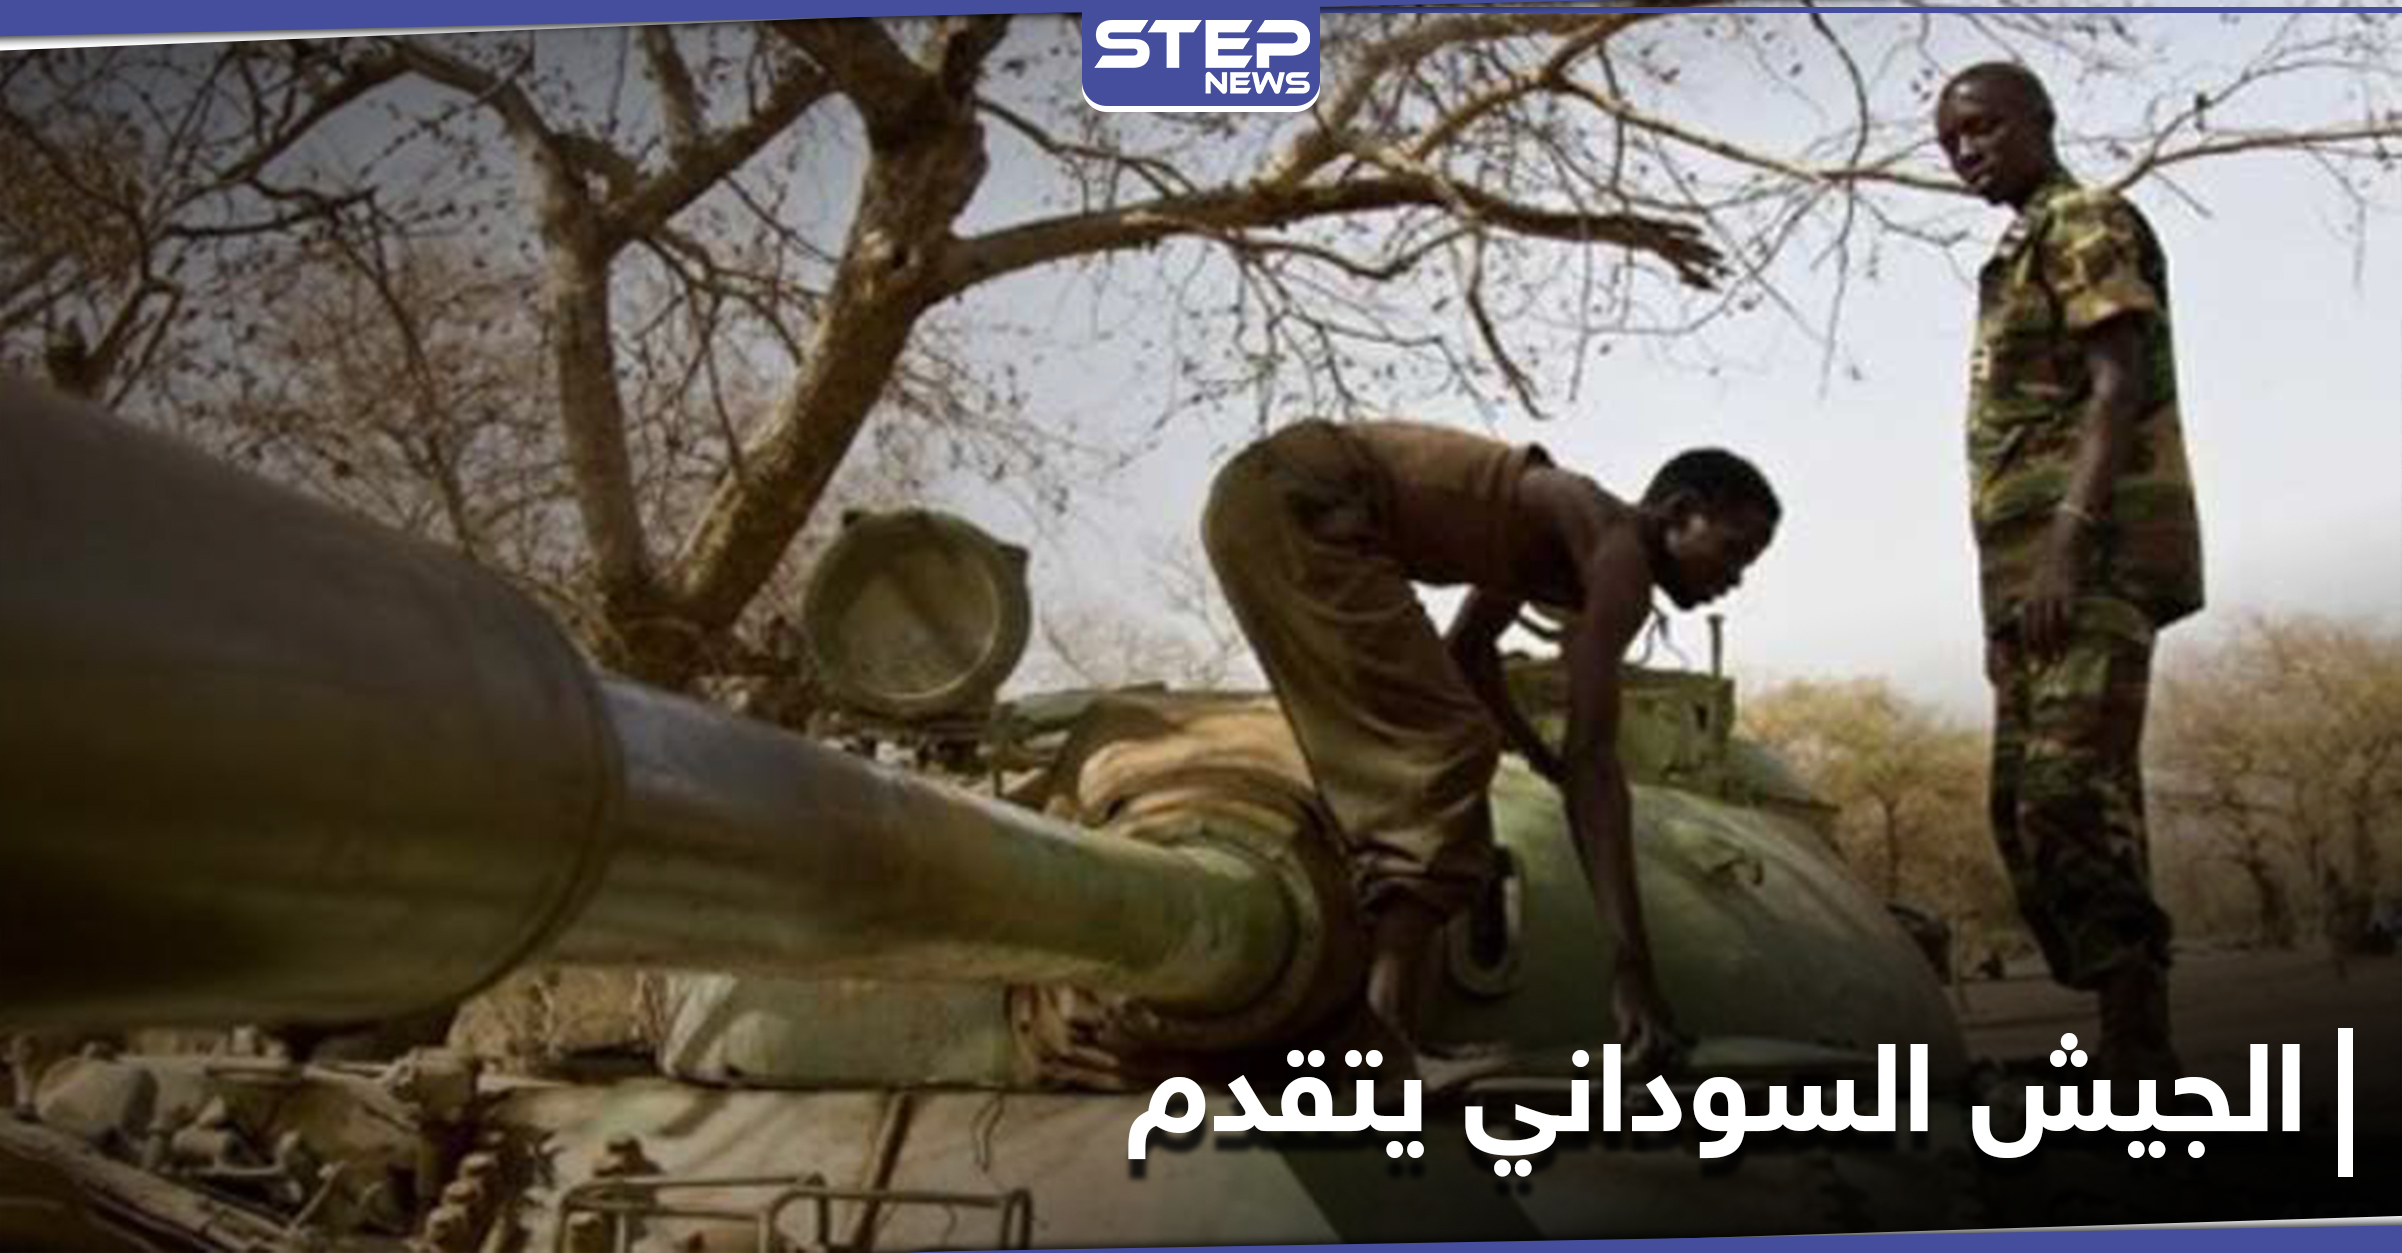 الجيش السوداني يقترب من السيطرة على آخر وأكبر المعاقل الإثيوبية داخل السودان